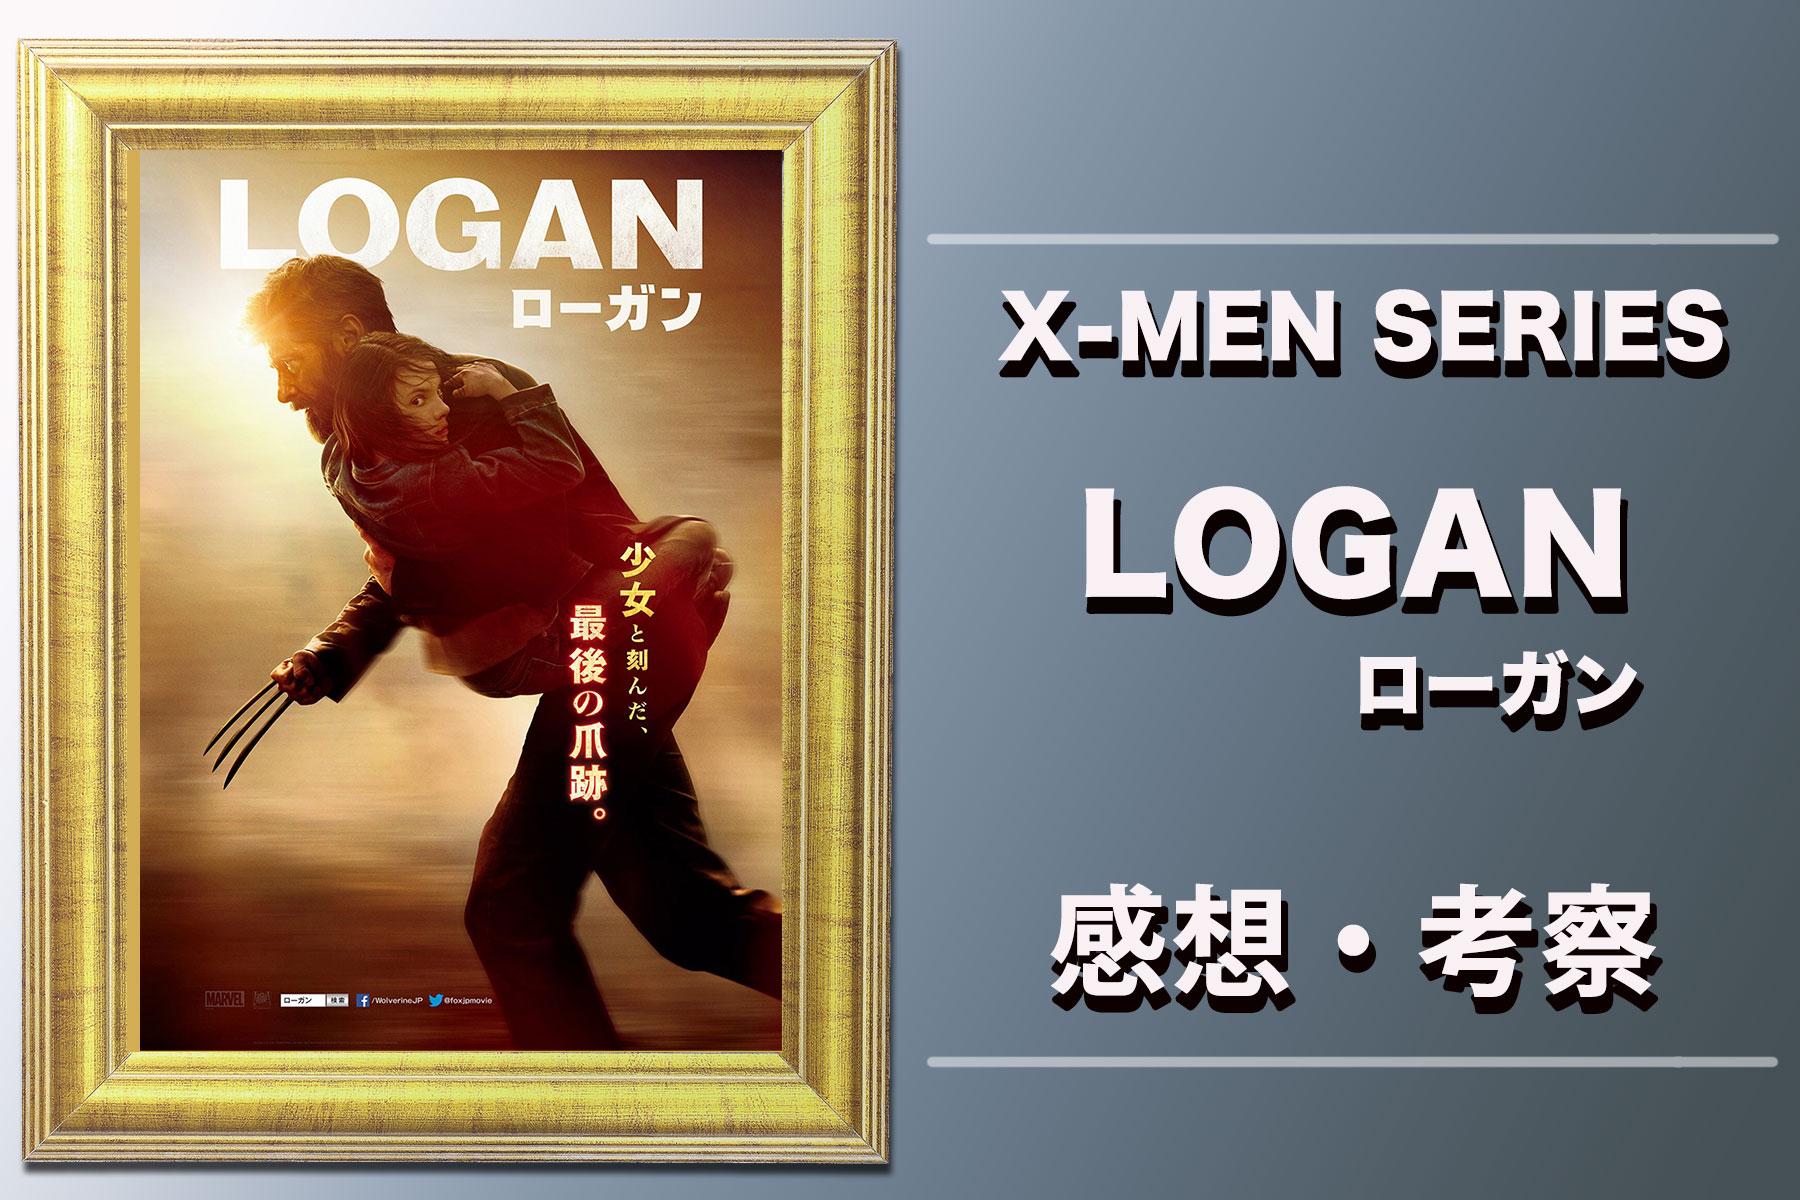 【徹底考察】映画『LOGAN ローガン』(2017)の時系列や続編、子役ローラの謎を解説